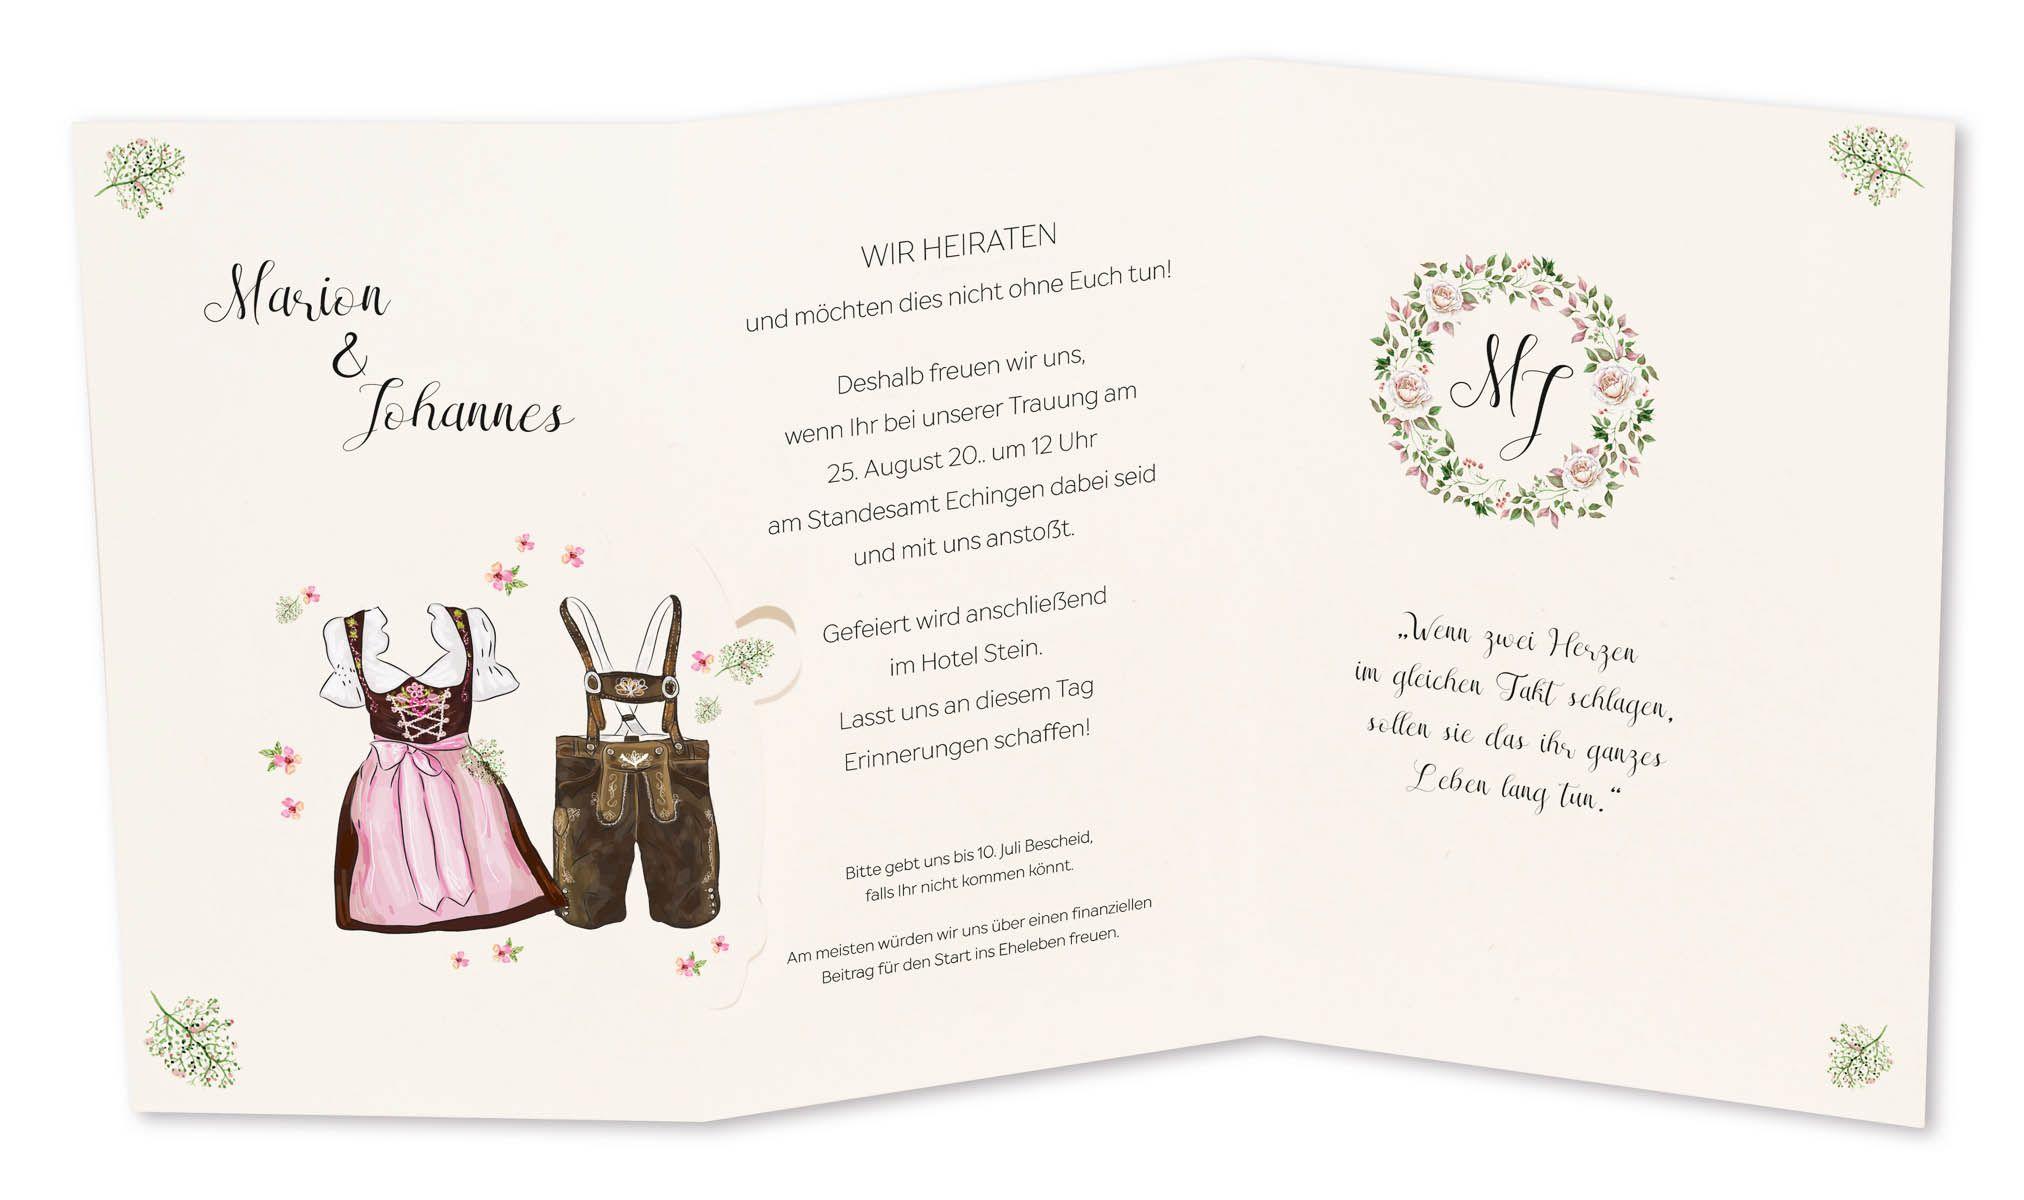 Hochzeitskarte Im Trachten Stil Mit Lederhose Und Dirndl Als Faltkarte Hochzeitskarten Karte Hochzeit Lustige Hochzeitskarten